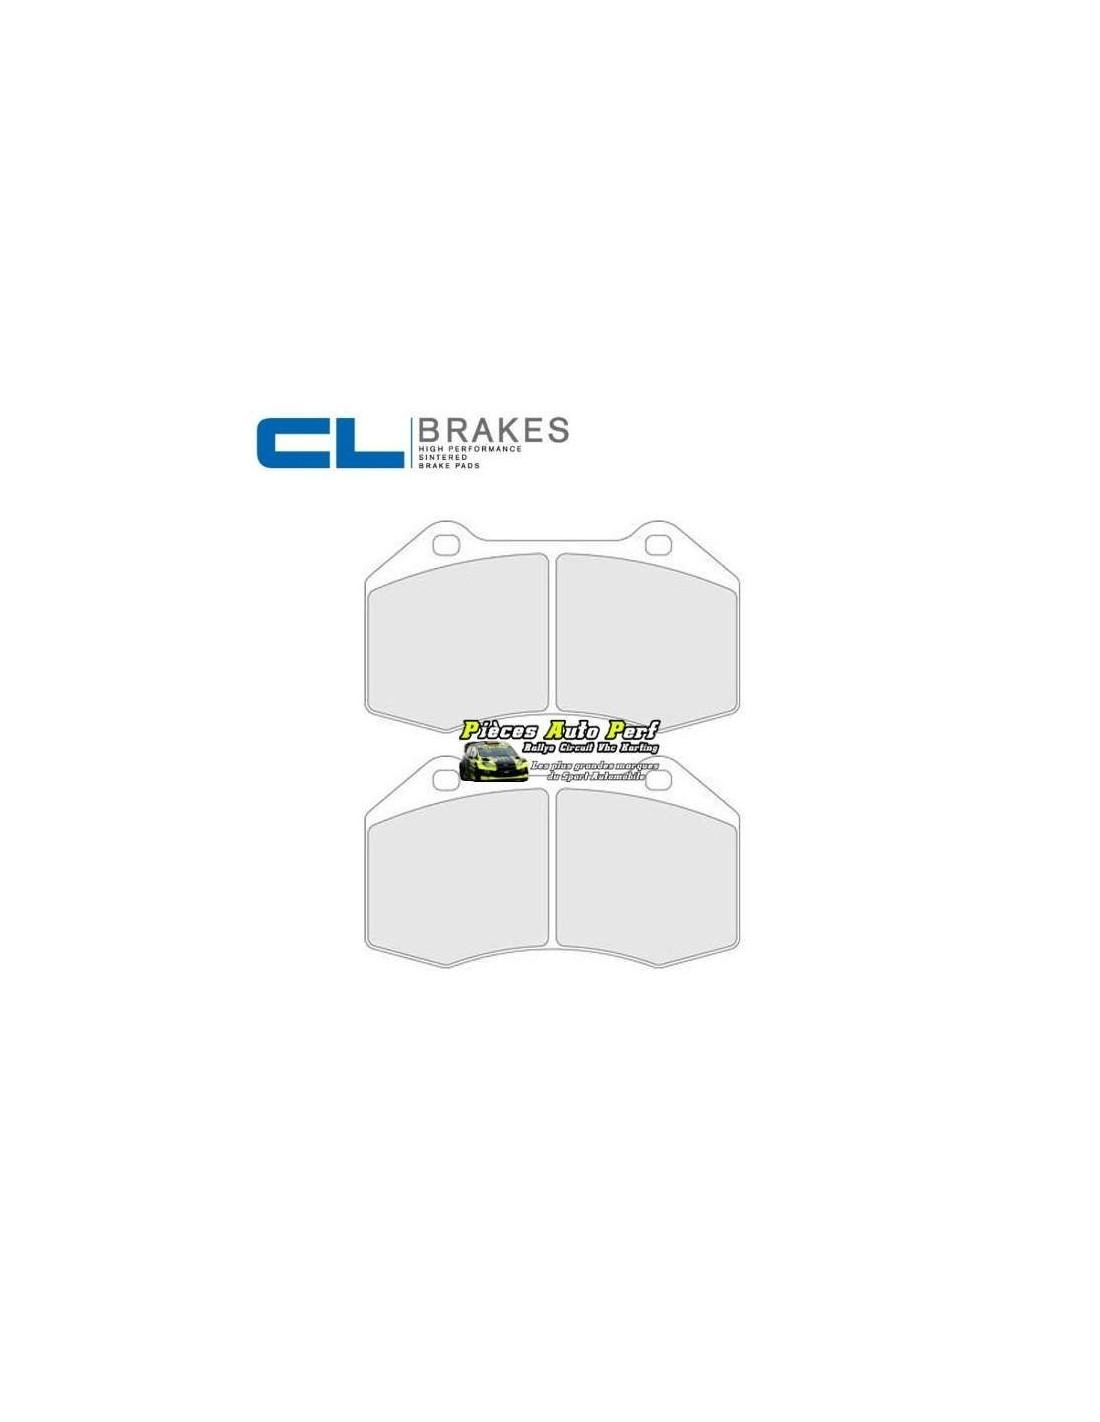 plaquettes de freins avant cl brakes pour renault megane 2 rs. Black Bedroom Furniture Sets. Home Design Ideas